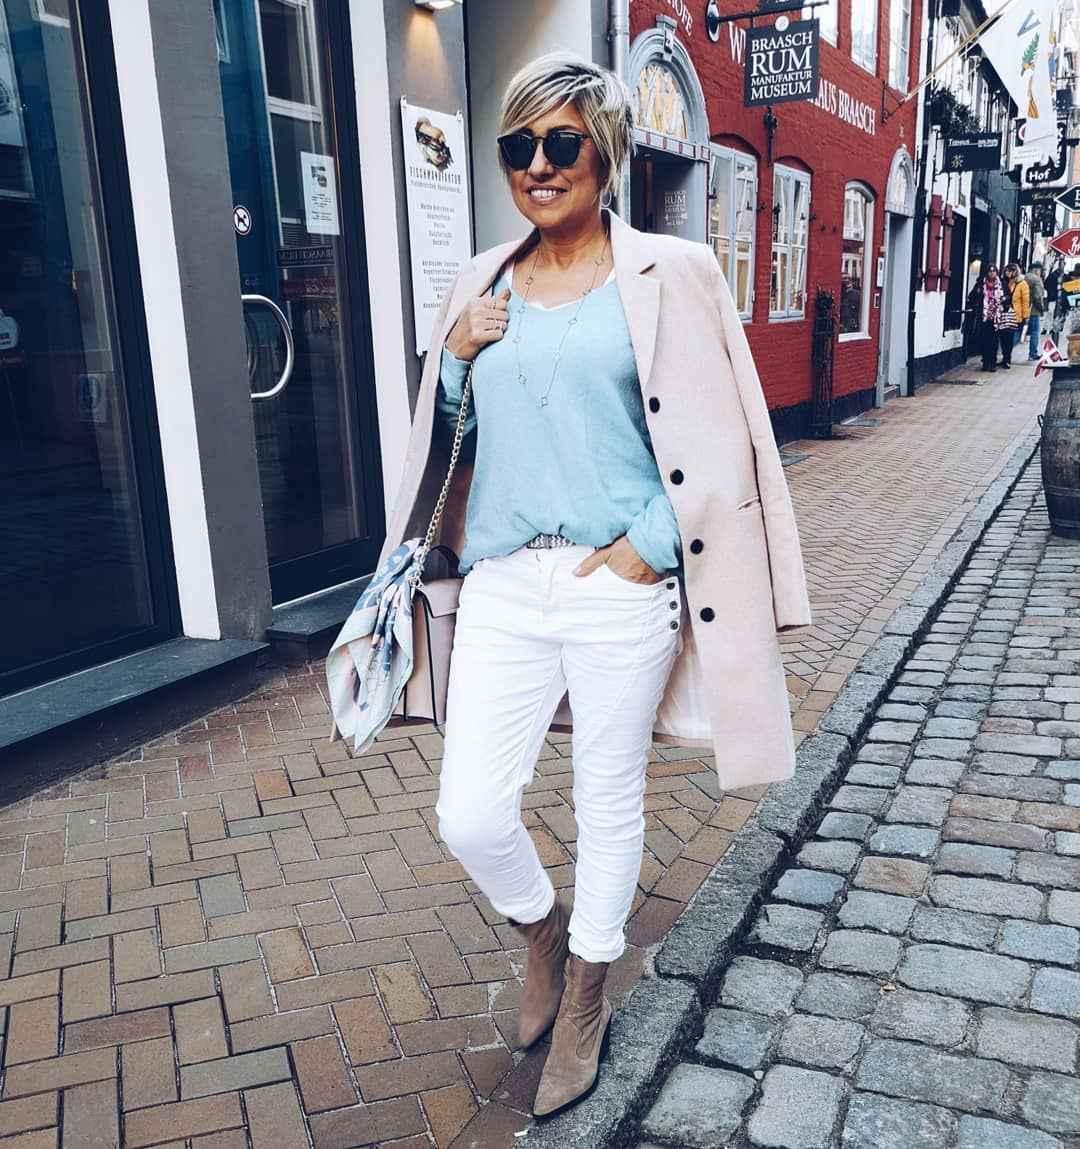 С чем носить джинсы женщинам после 40 фото_16